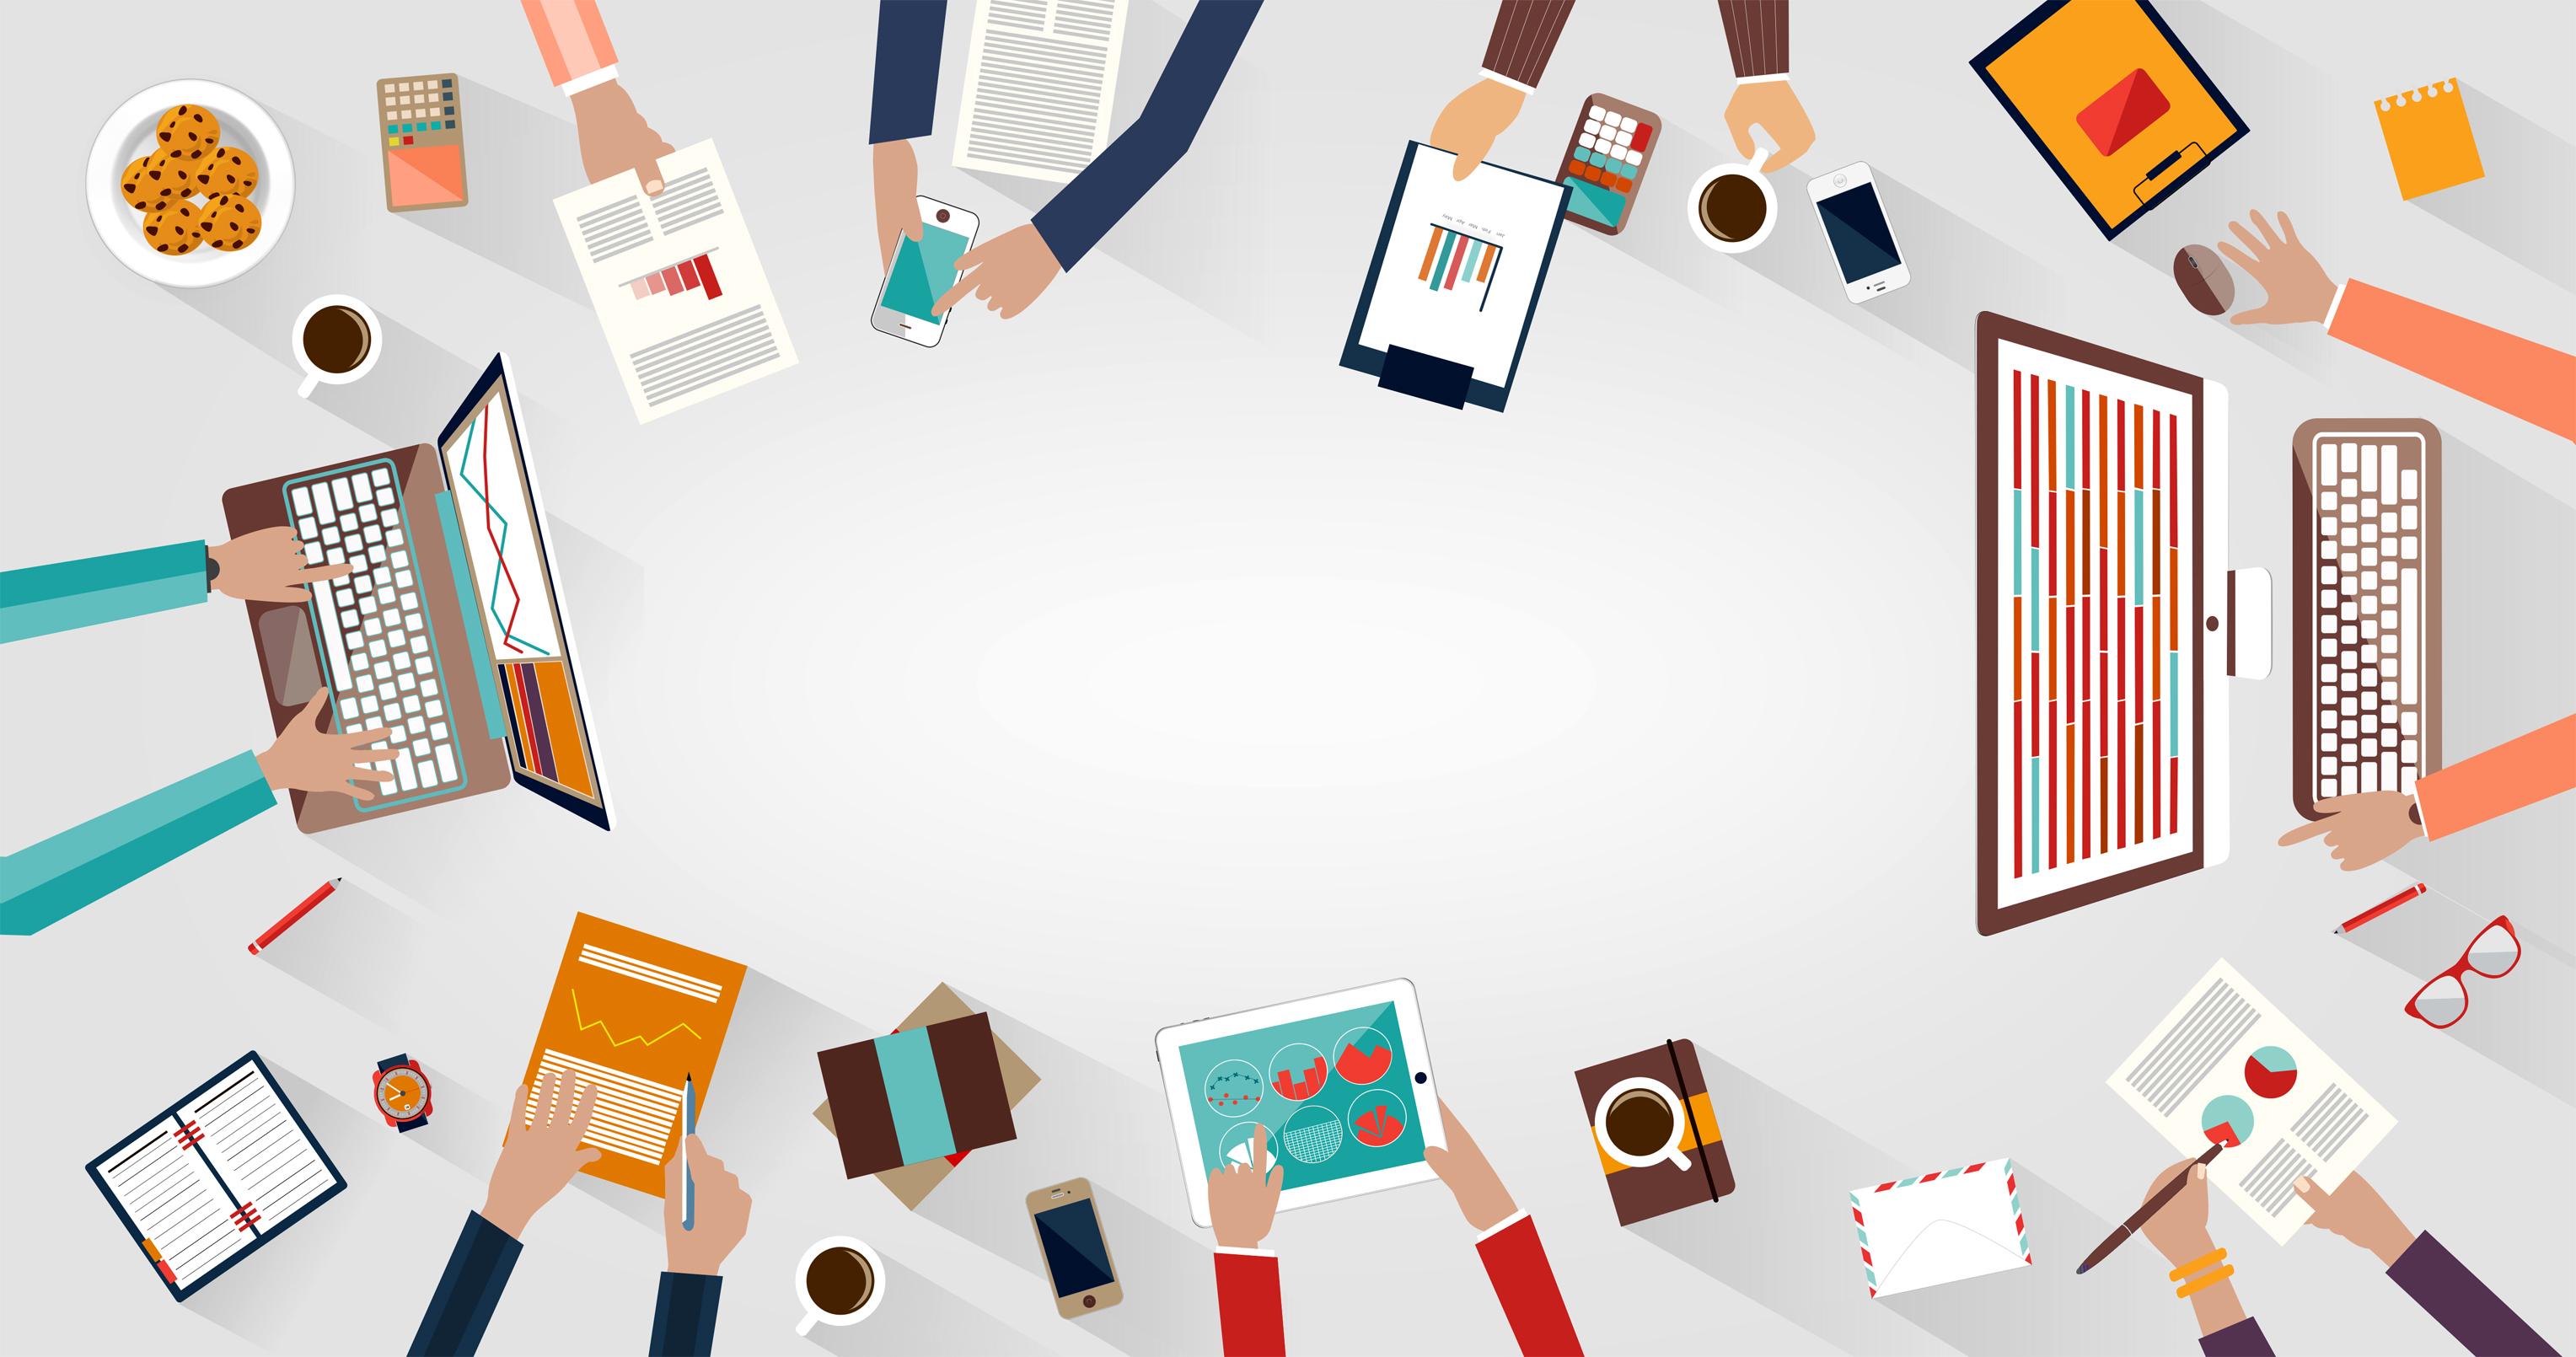 ¿Cuánto cuesta desarrollar una aplicación móvil?